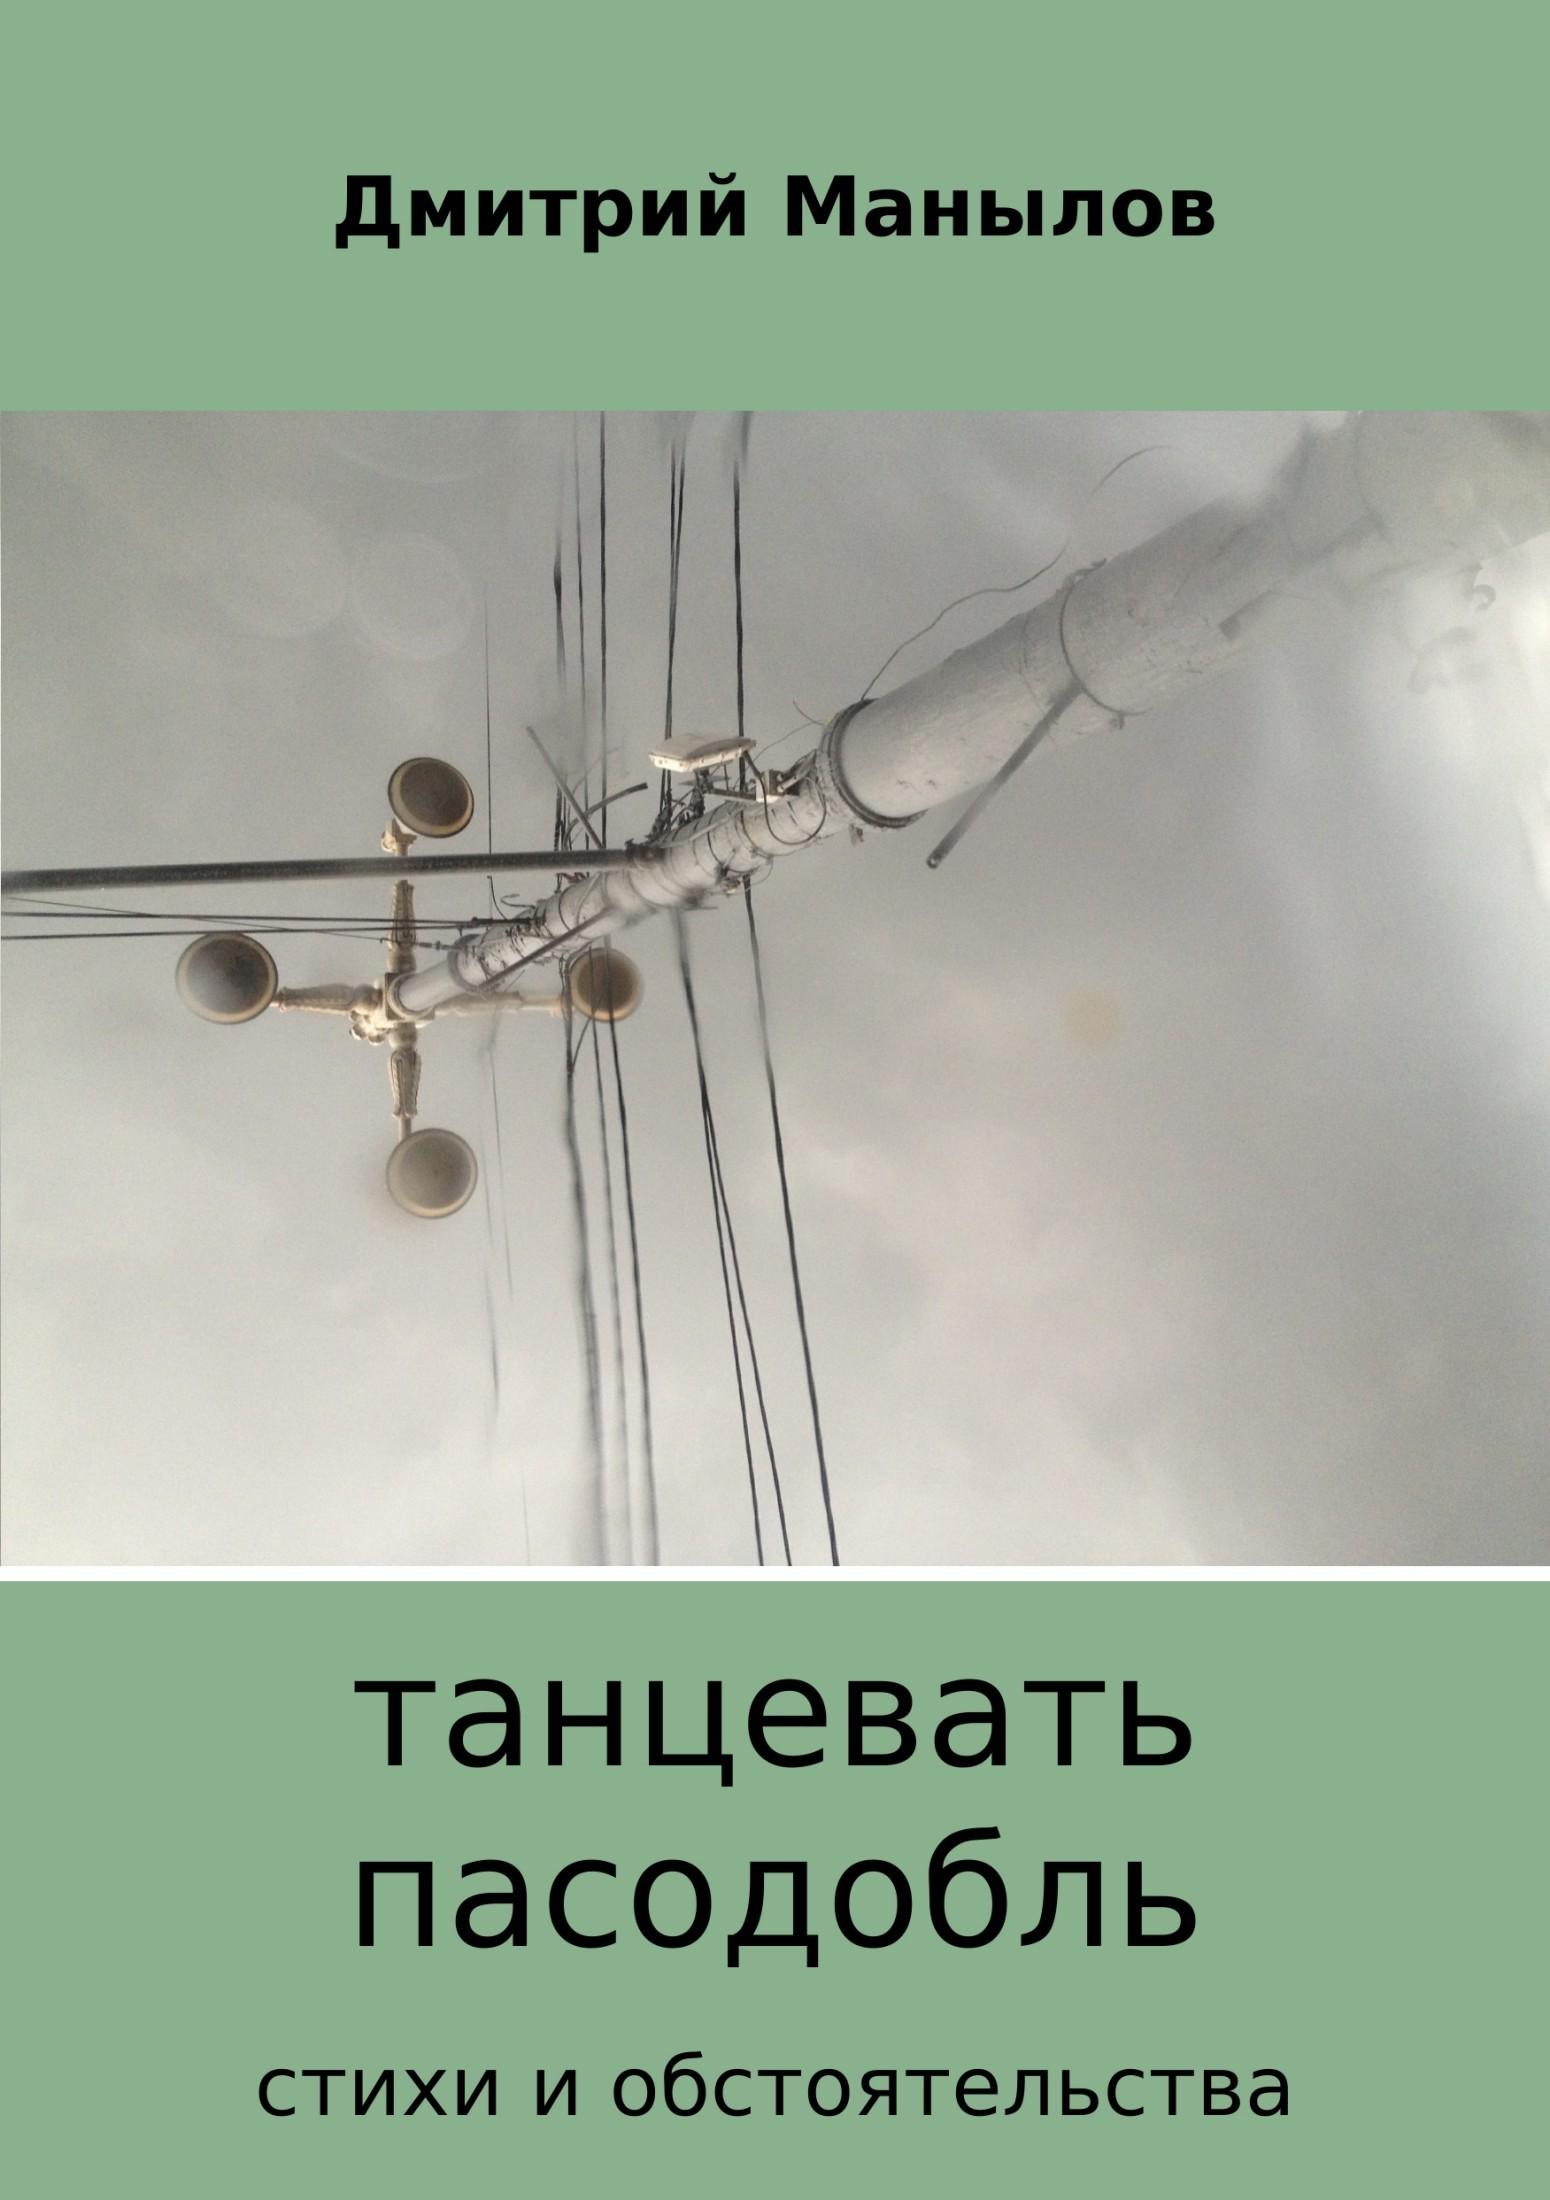 Книга Танцевать пасодобль. Сборник стихов